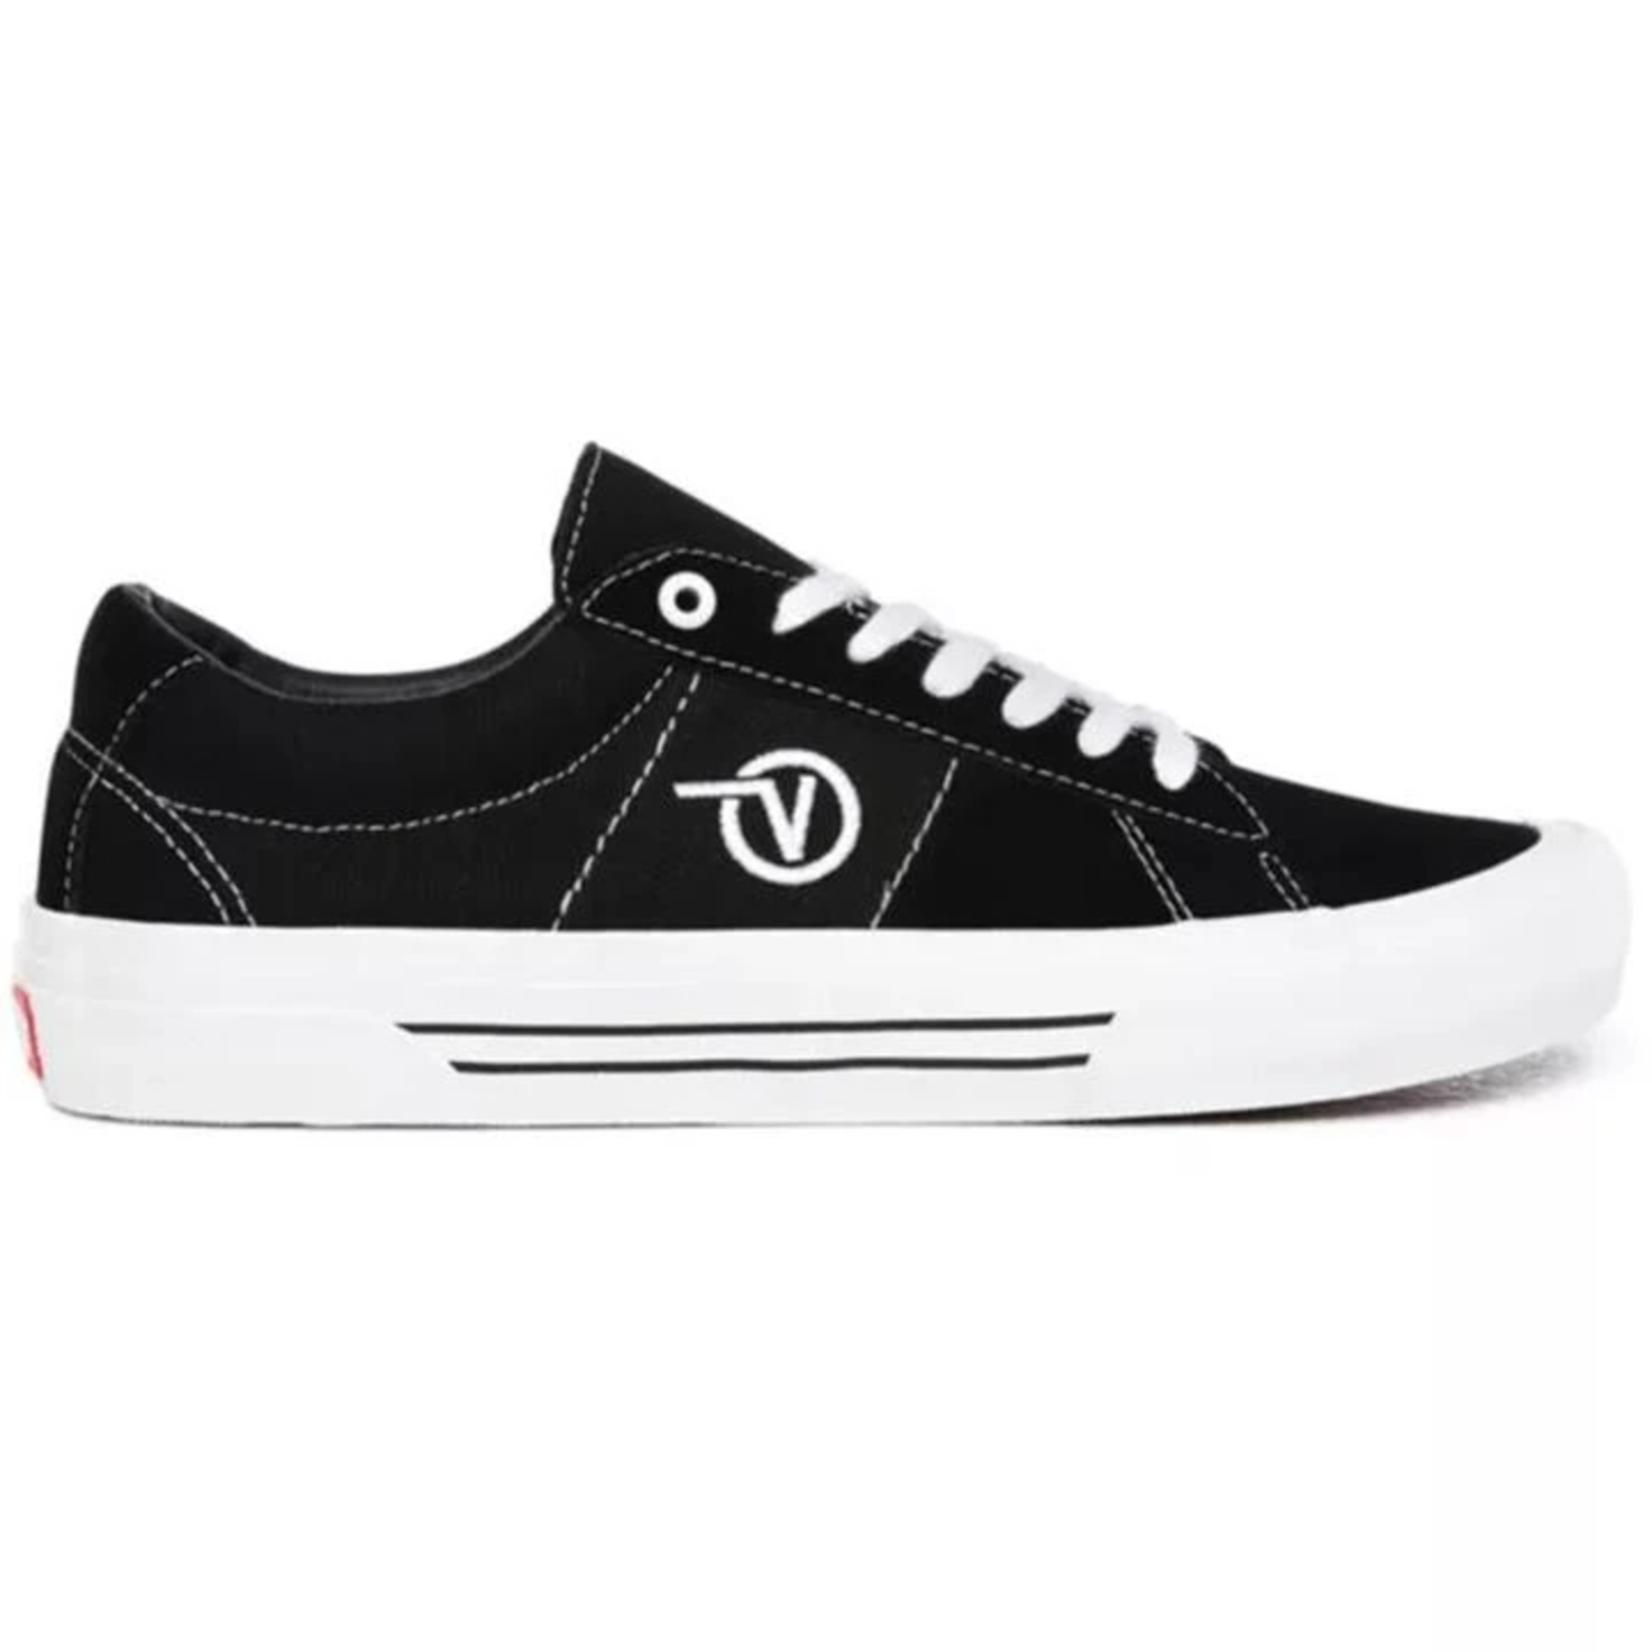 Vans Vans Skate SID Pro